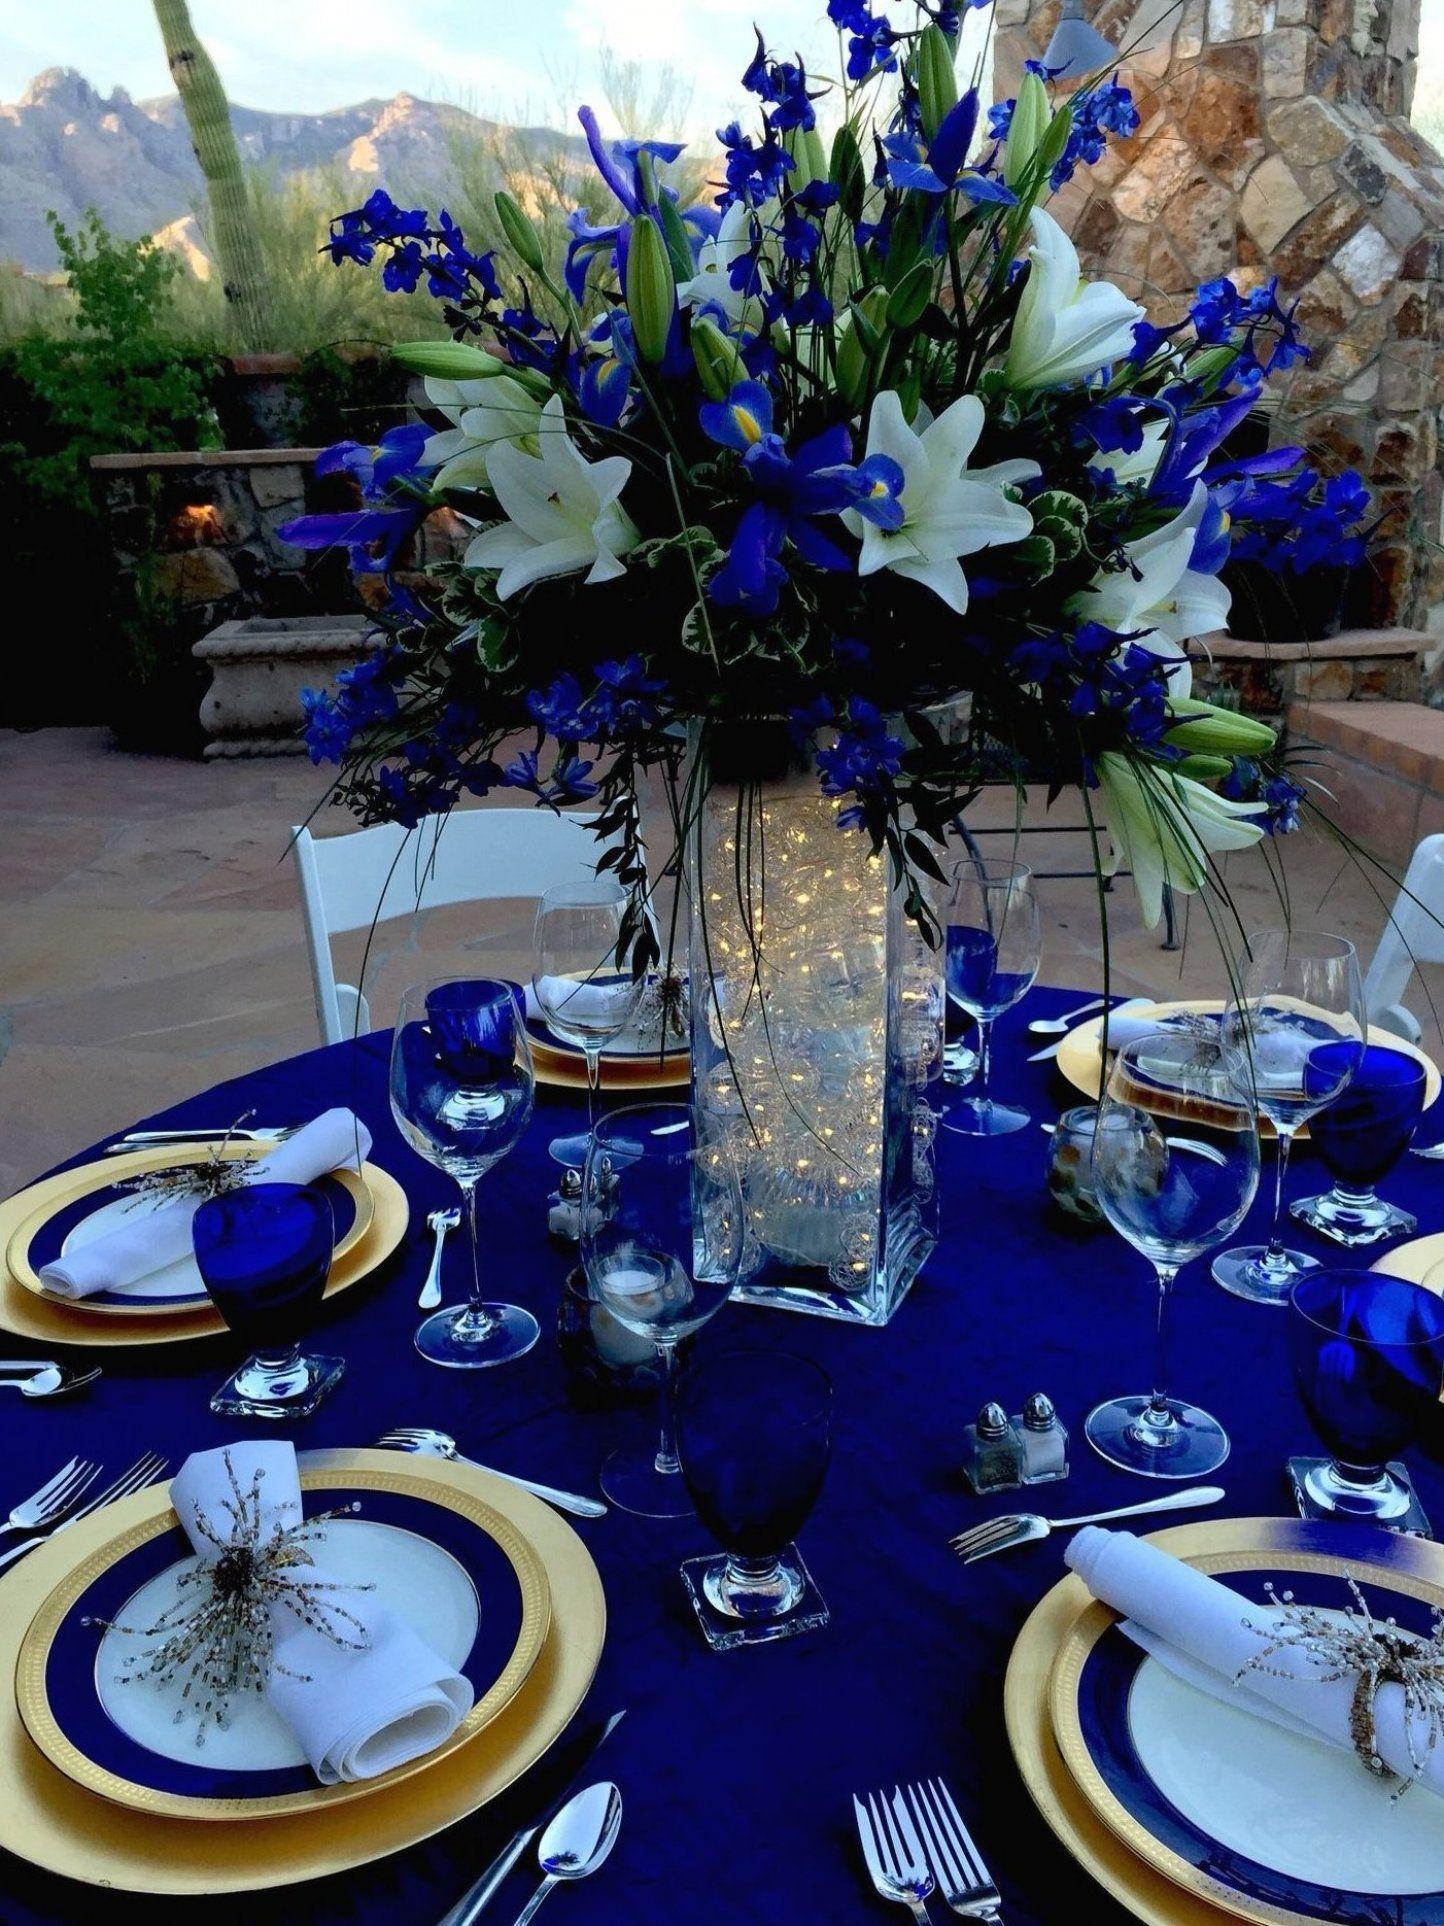 Pretty Weddings Wedding Hochzeit Blue Maritim Tischdekoration Royal In 2020 Blue Wedding Theme Centerpieces Royal Blue Wedding Theme Wedding Theme Centerpieces